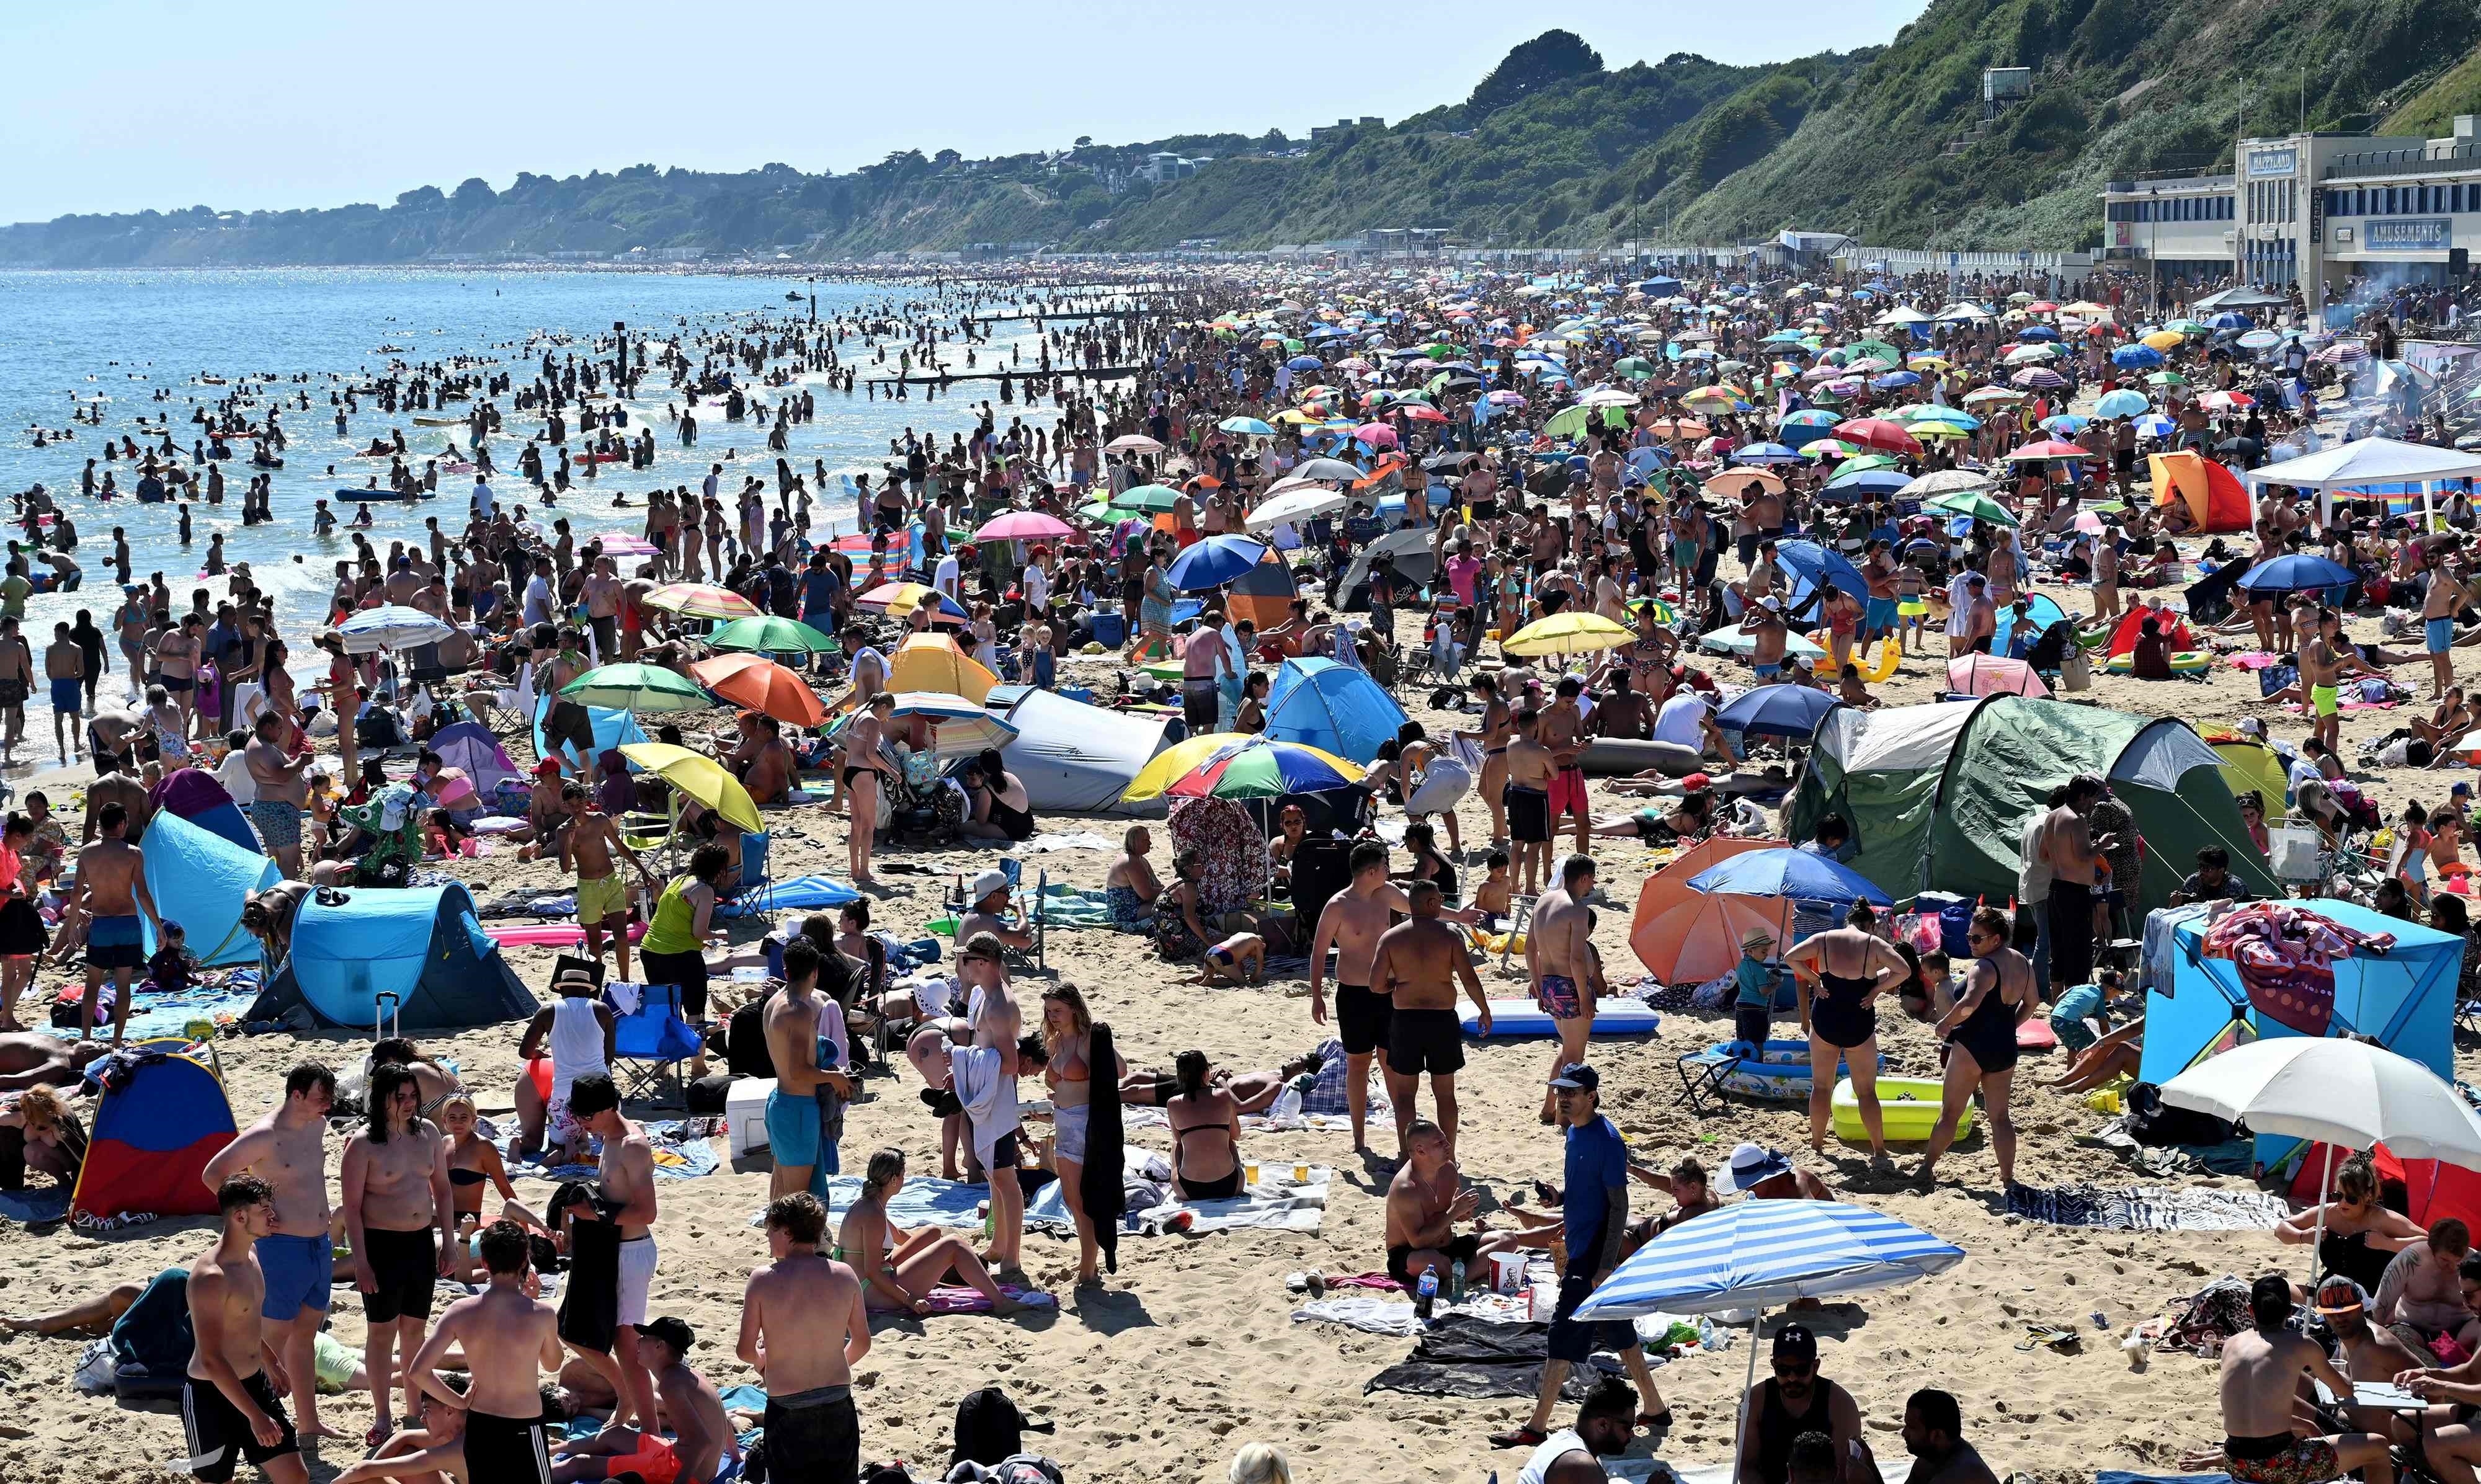 En el día más caluroso del año en el Reino Unido, la Policía tuvo que salir a desalojar las playas repletas